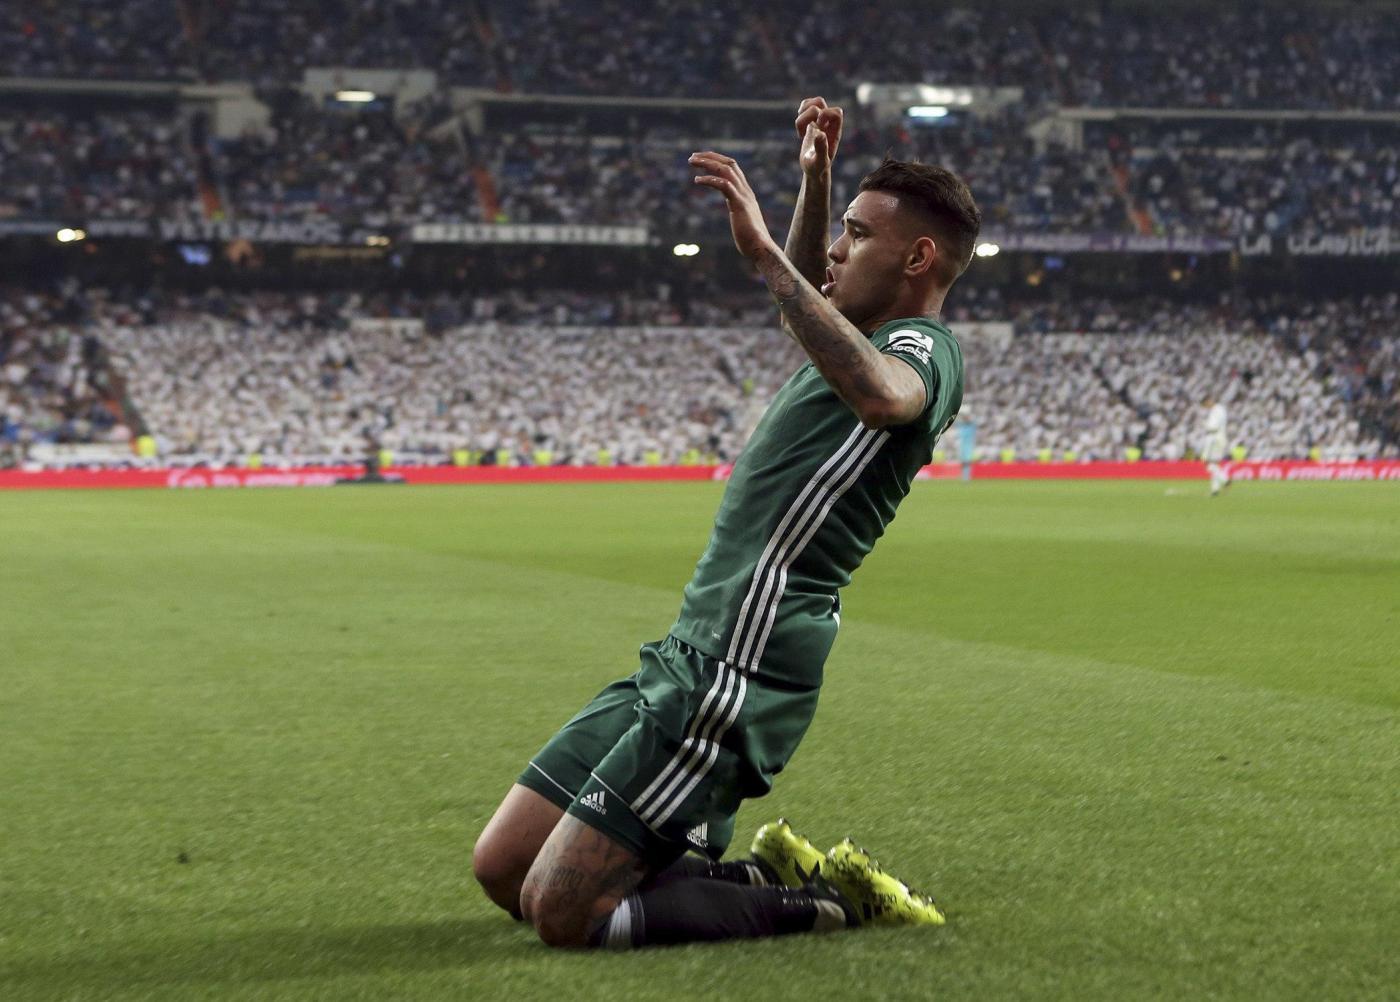 Europa League, Olympiakos-Betis Siviglia giovedì 20 settembre: analisi e pronostico della prima giornata della fase a gironi del torneo